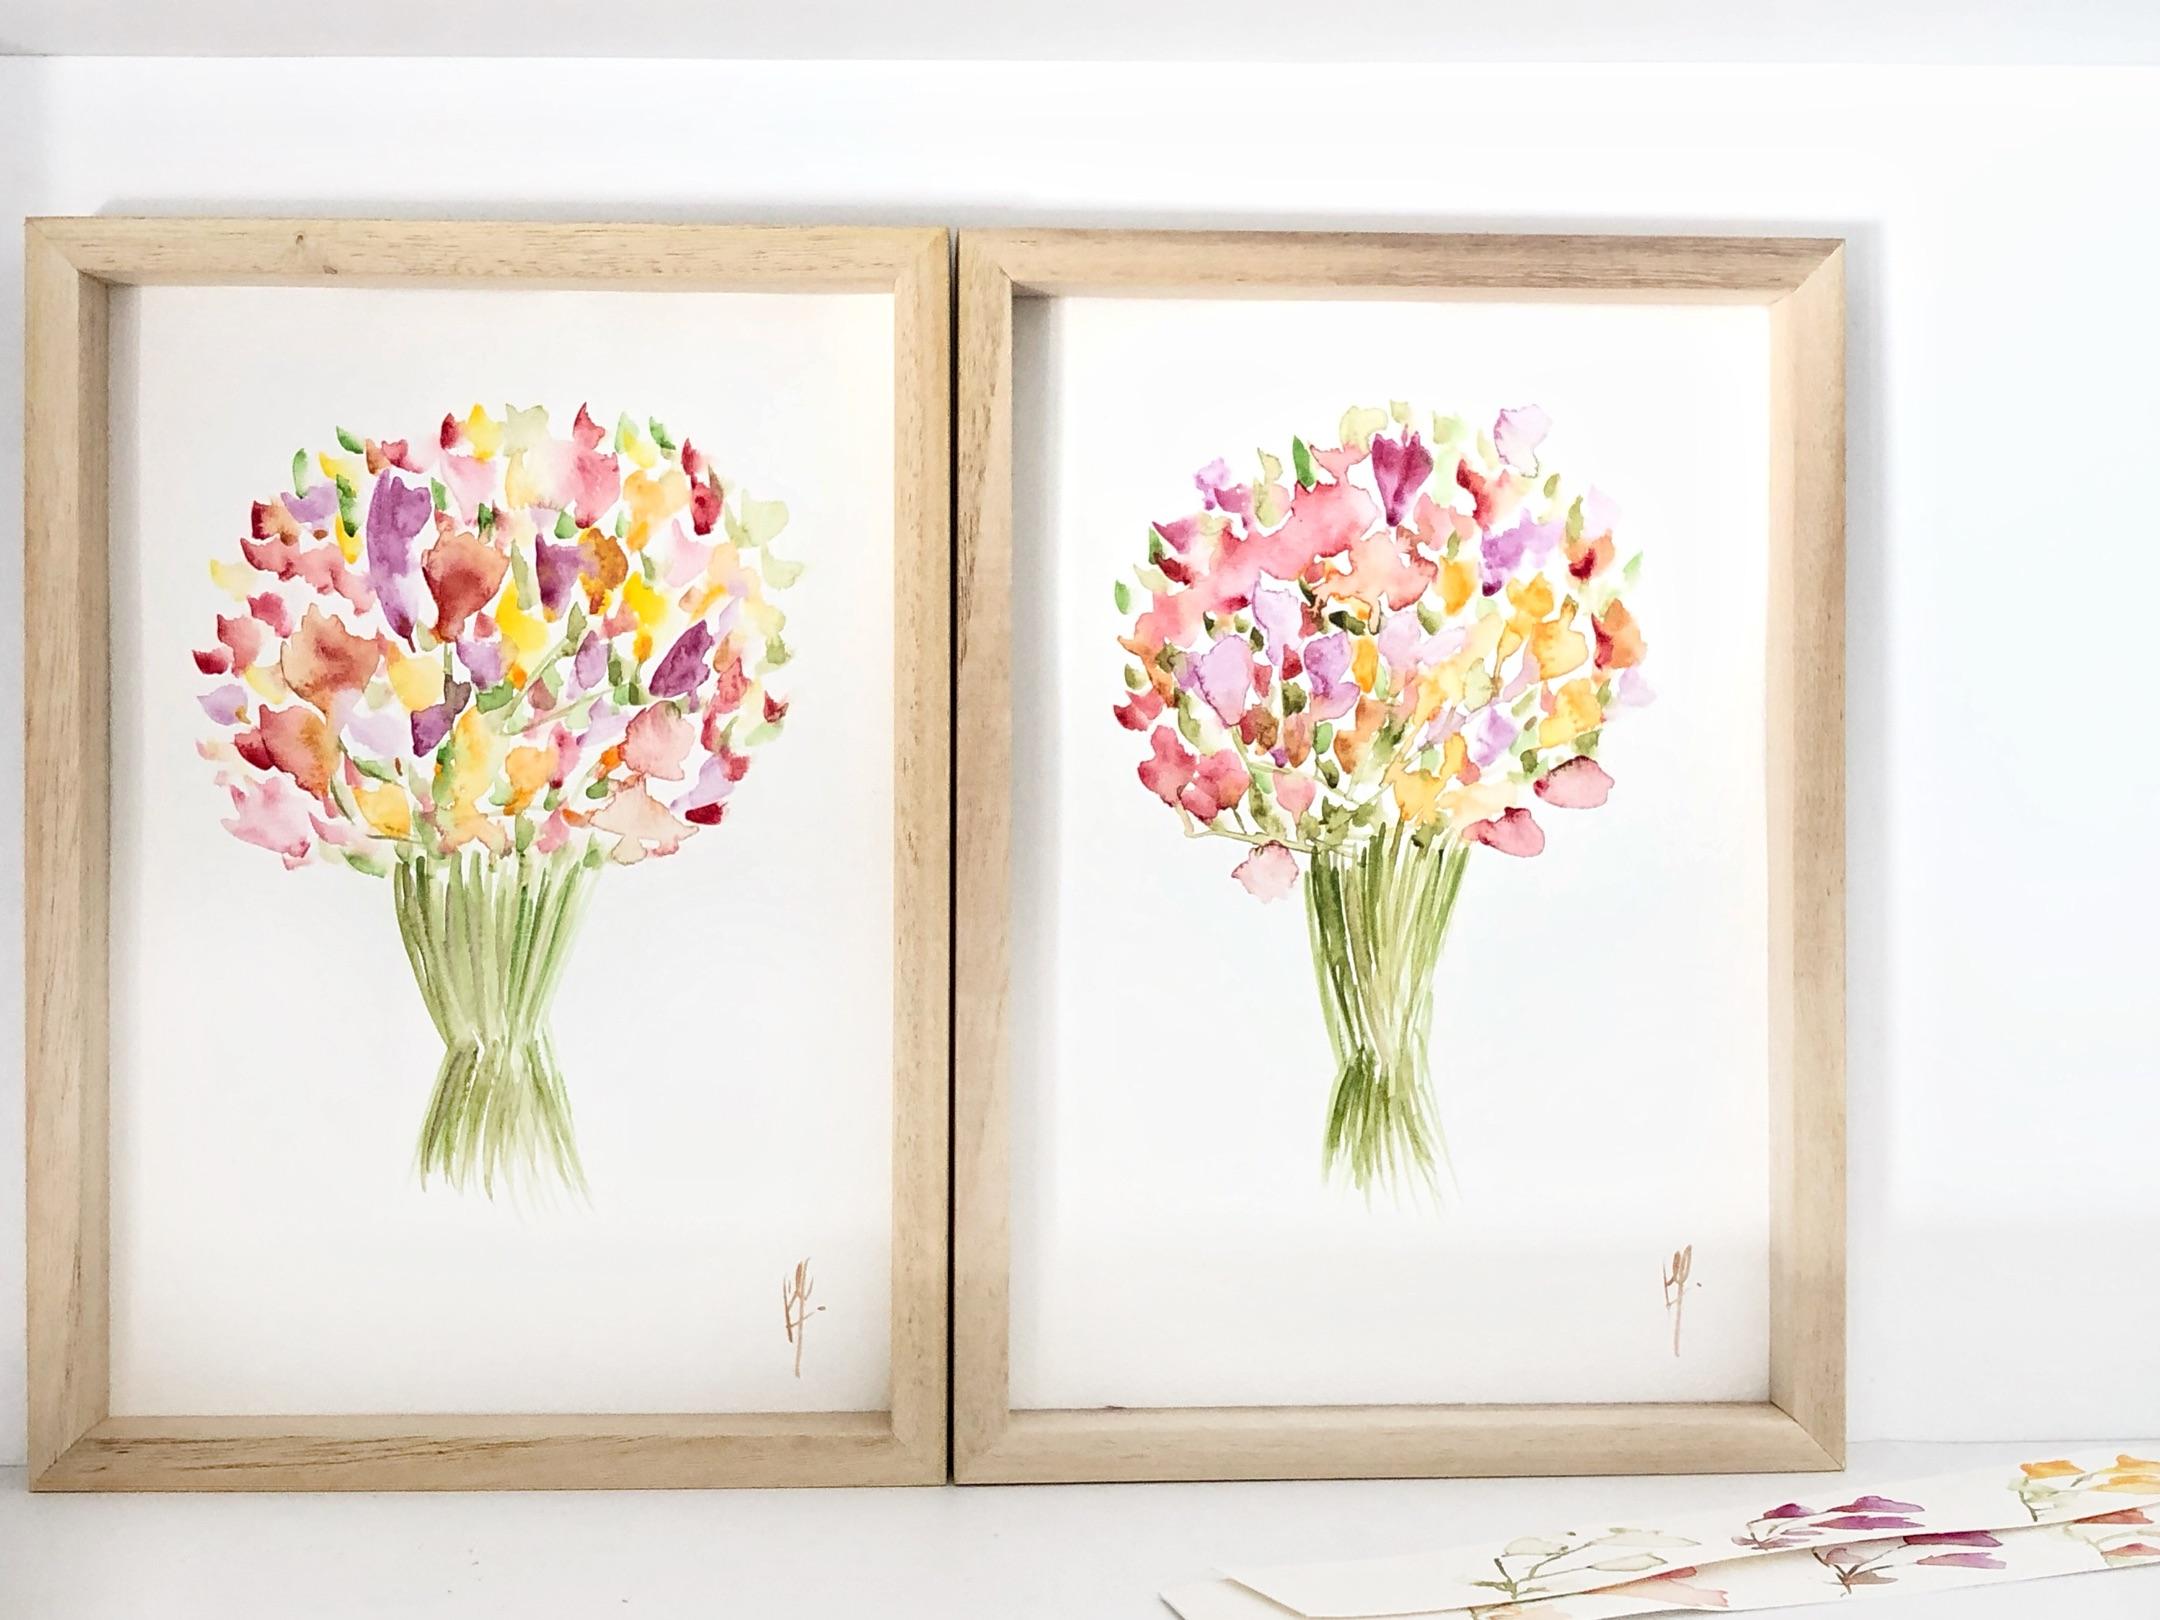 Huellas en flor: barajar y dar de nuevo